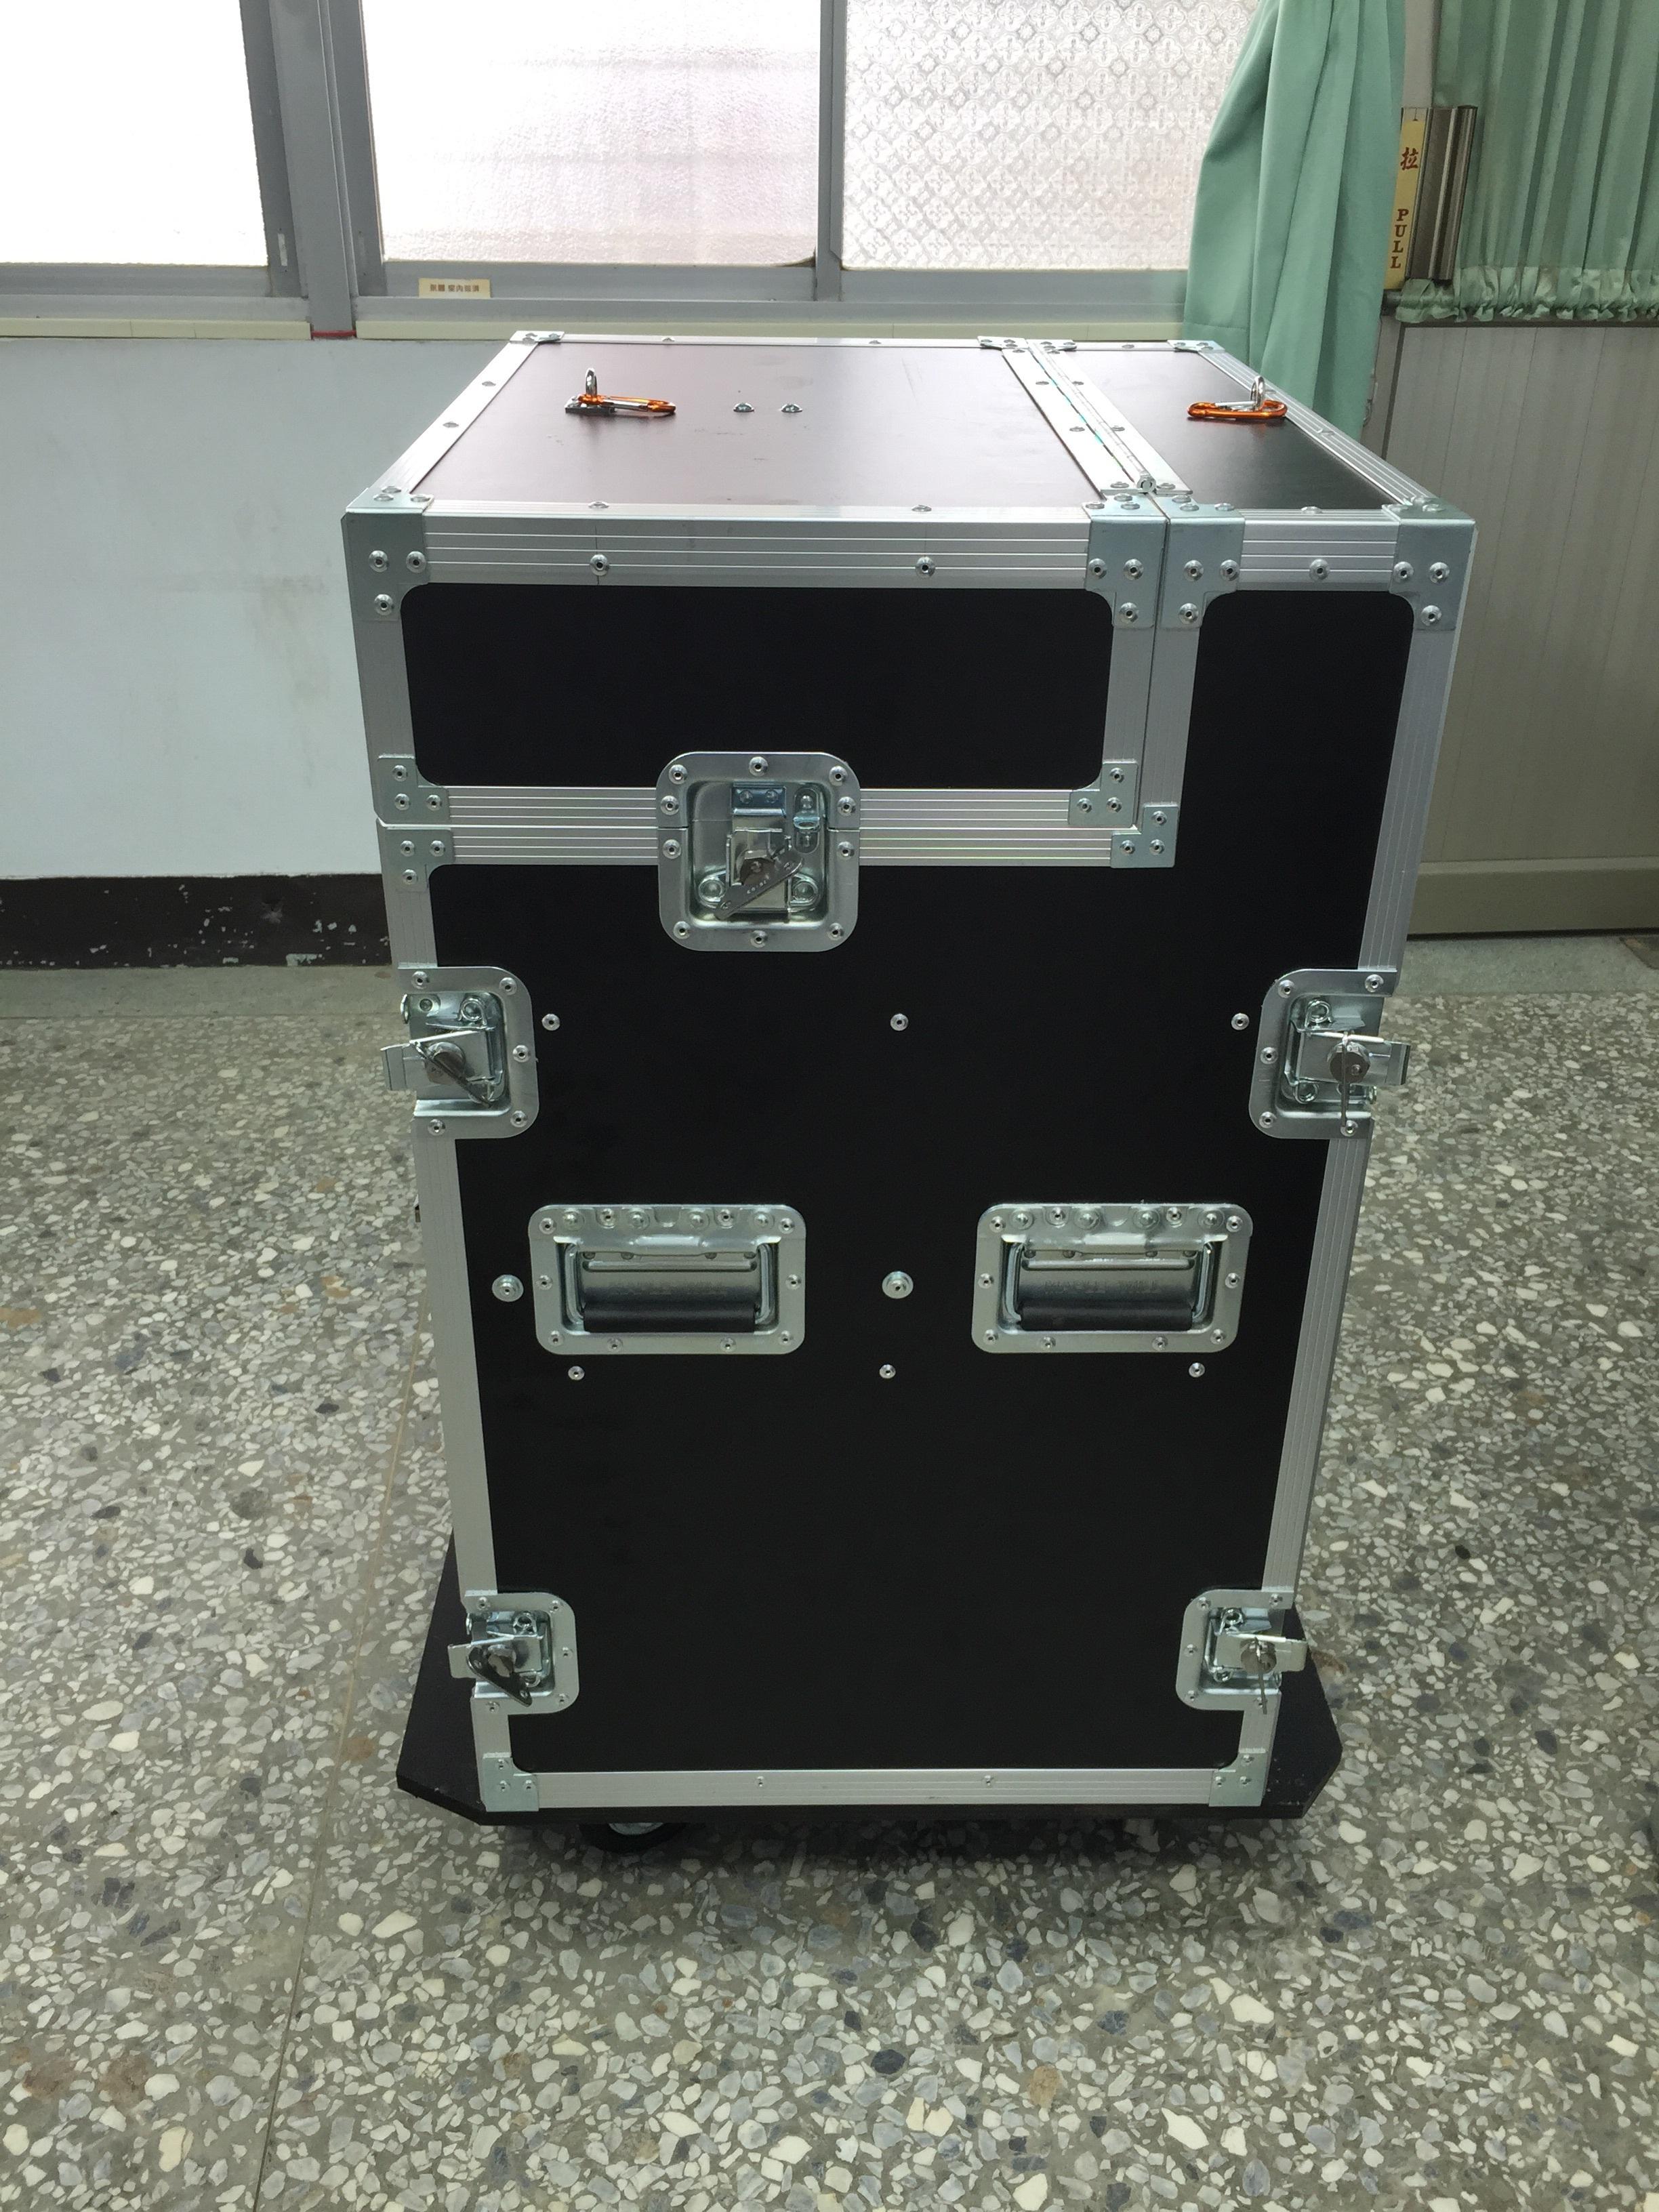 Mobile Möbel kostenlose foto mobile reise instrument maschine box möbel